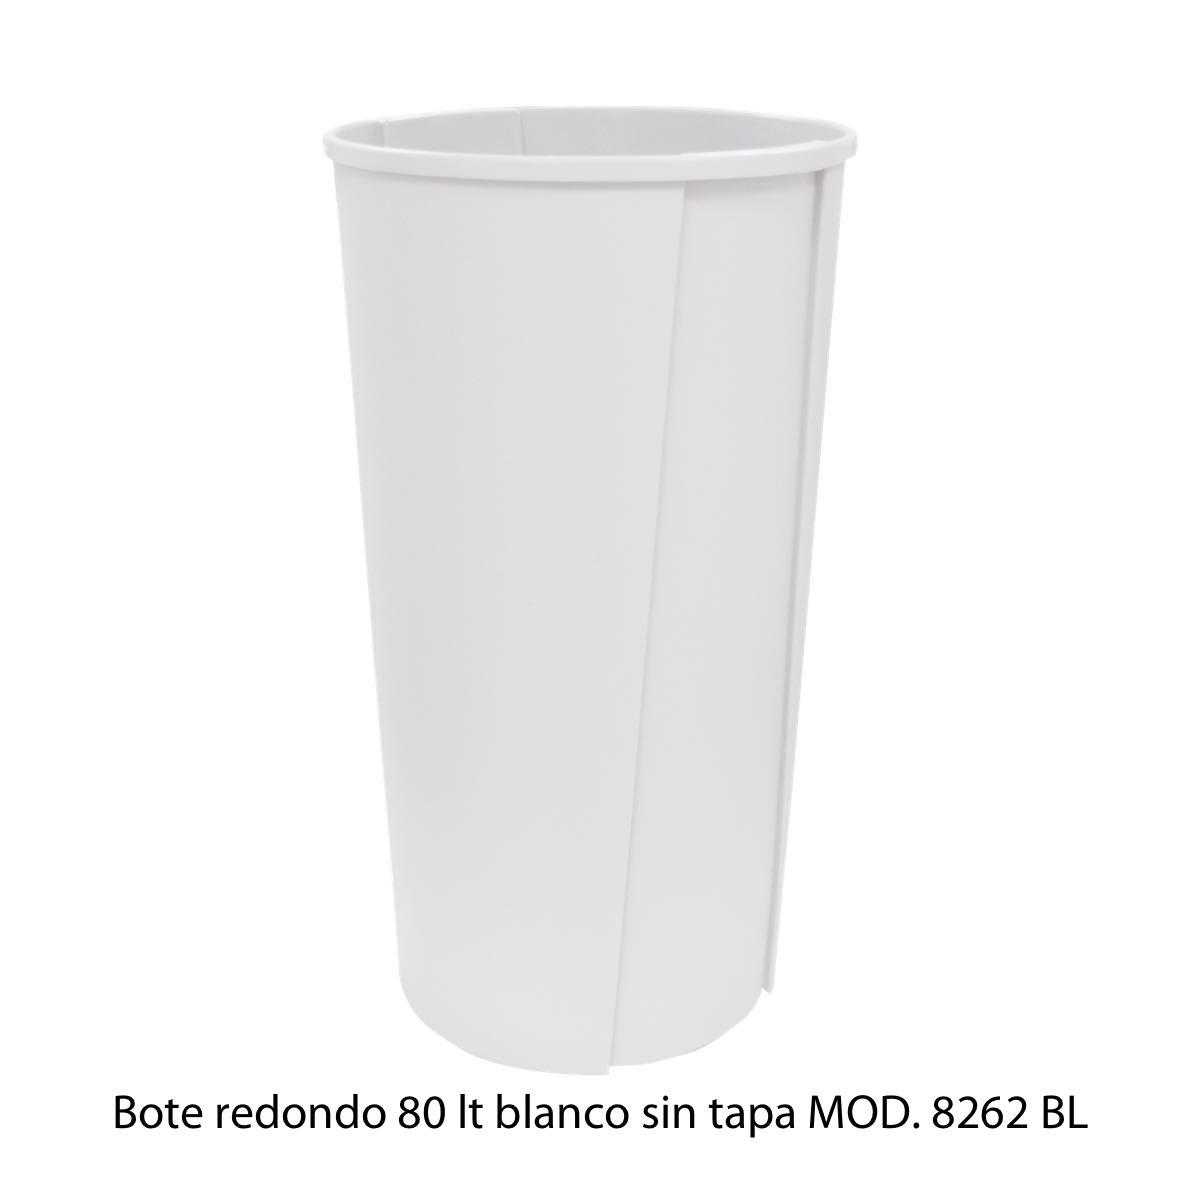 Bote de basura redondo sin tapa de 80 litros blanco modelo 8262 BL Sablón